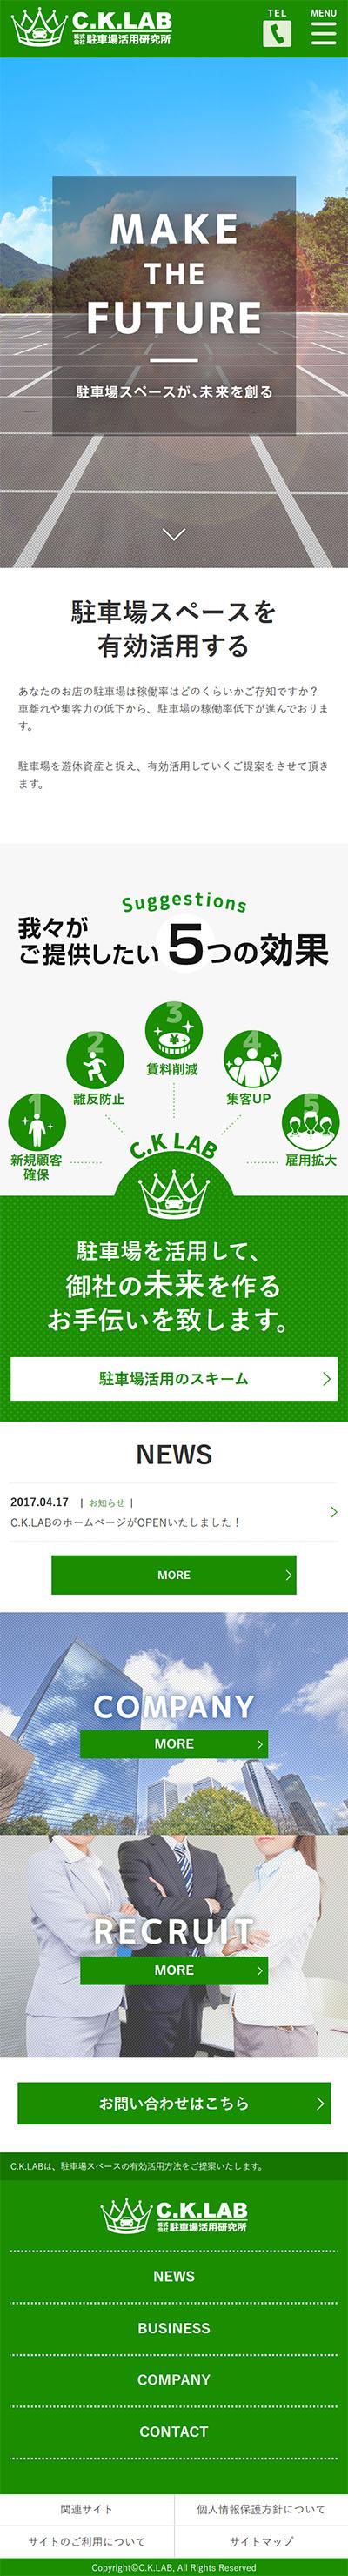 株式会社 駐車場活用研究所 【C.K.LAB】